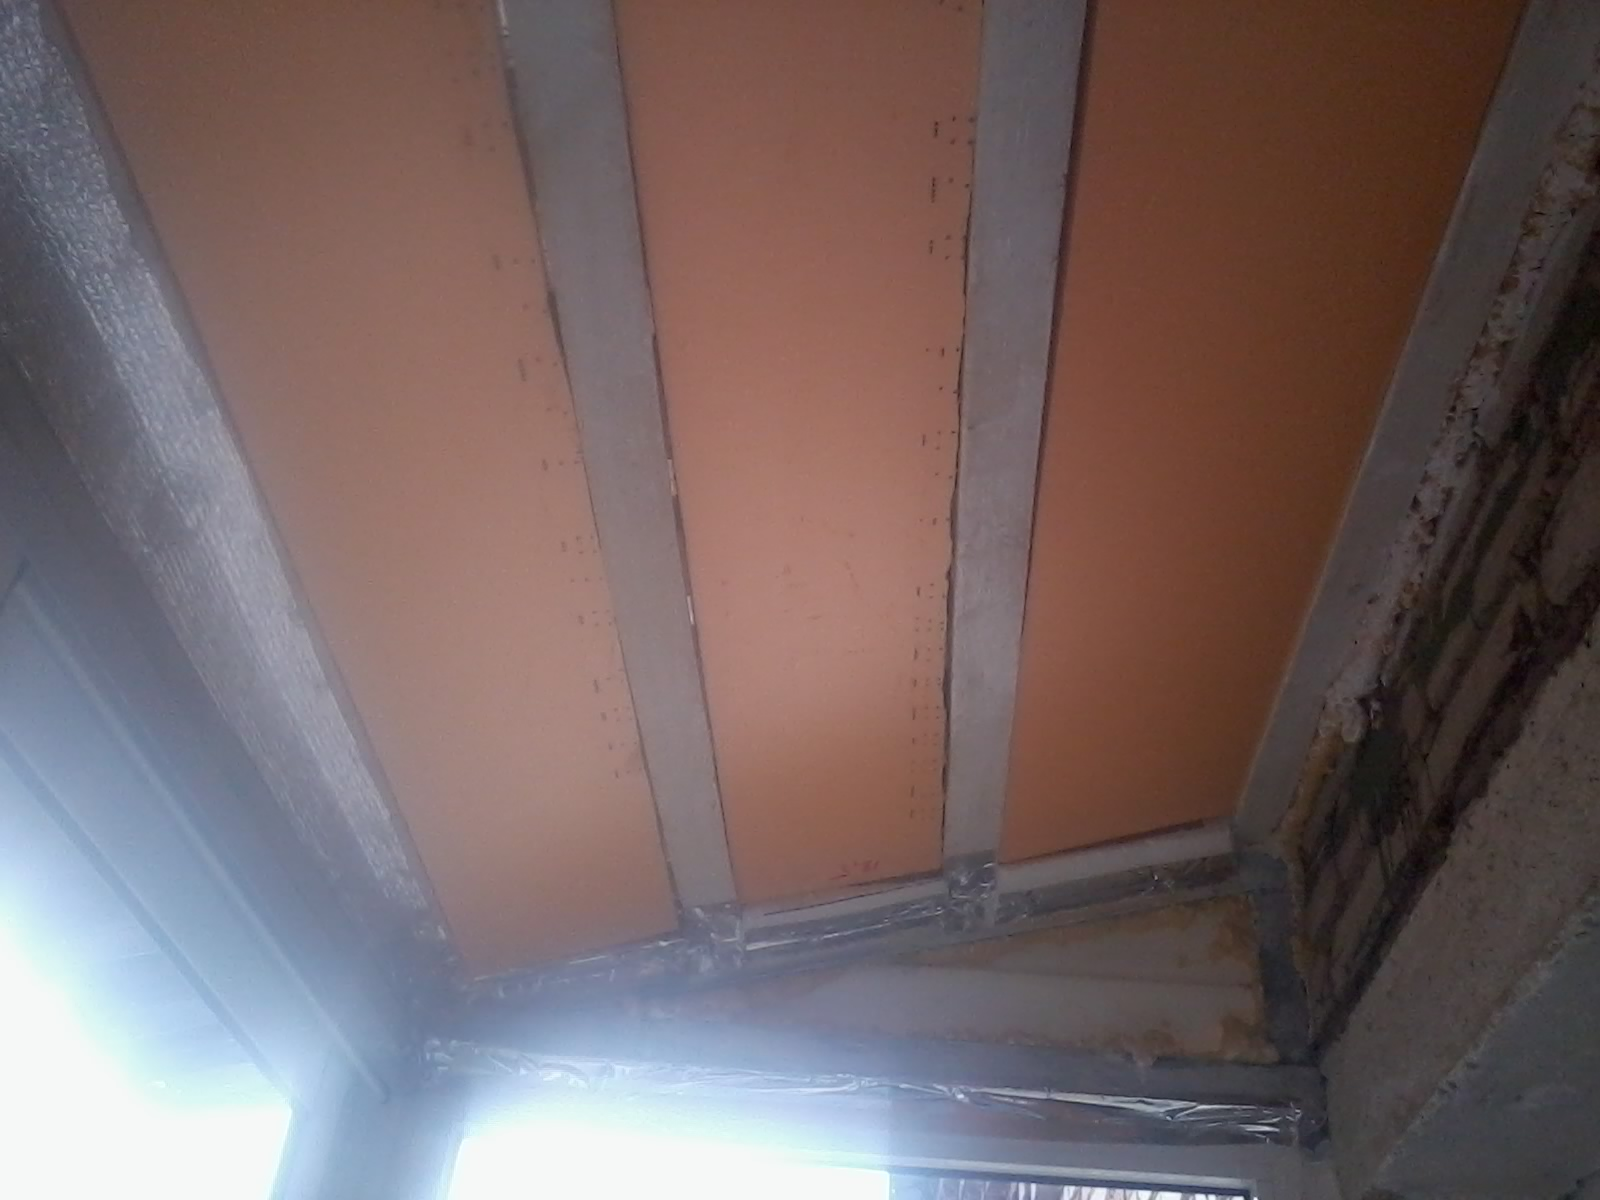 Утепление деревянного пола пеноплексом: видео-инструкция по монтажу своими руками, особенности установки снаружи, как утеплить потолок в брусовом доме, как крепить к стене, можно ли утеплять таким спо